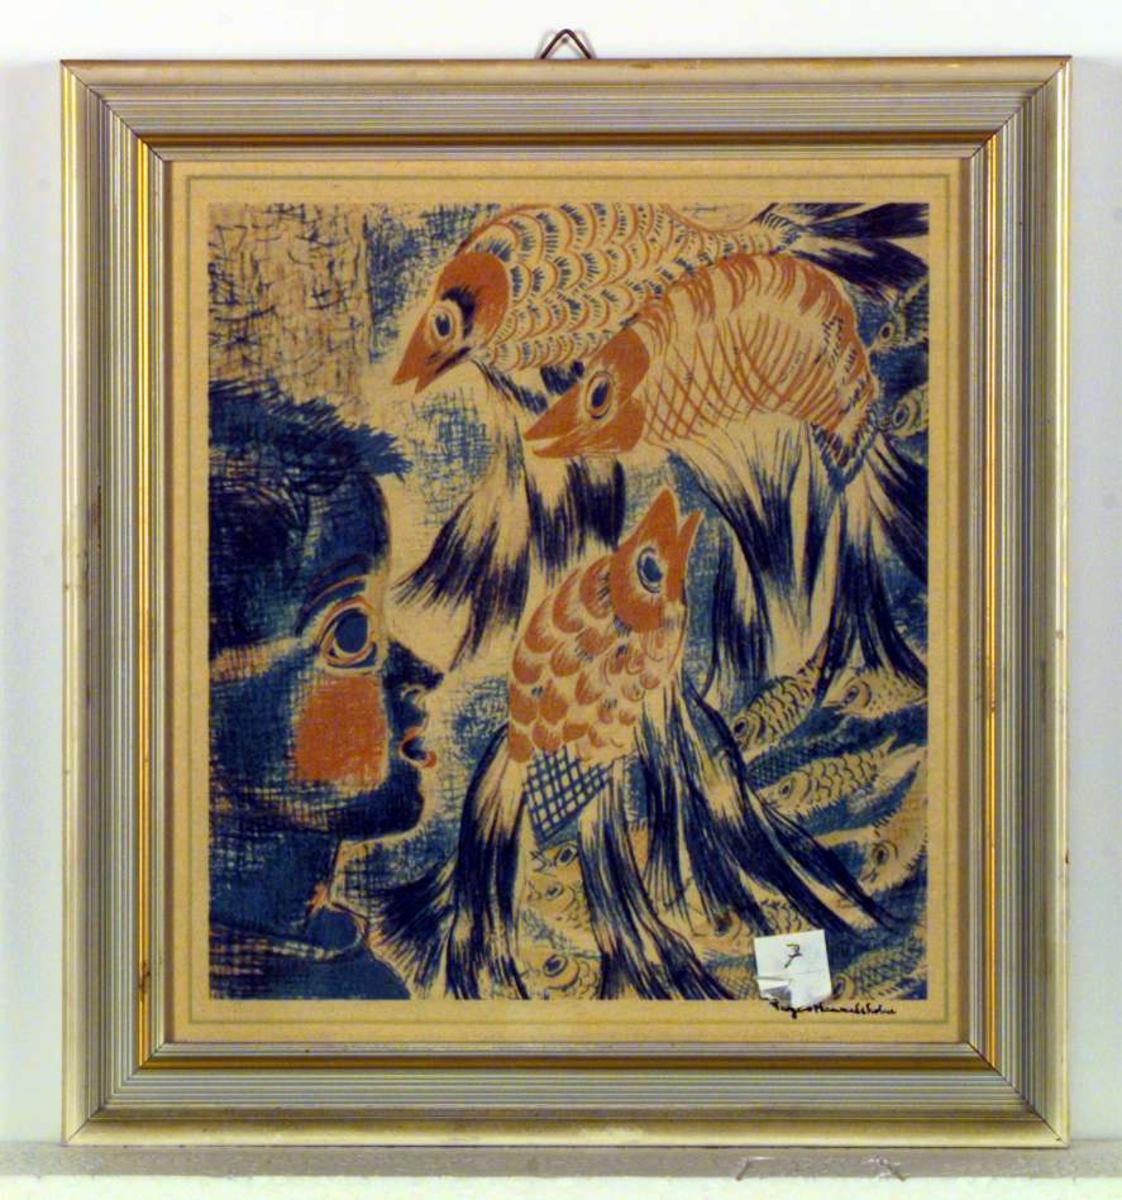 Et bilde av et barnehode og fisker i en dekorativ stil.